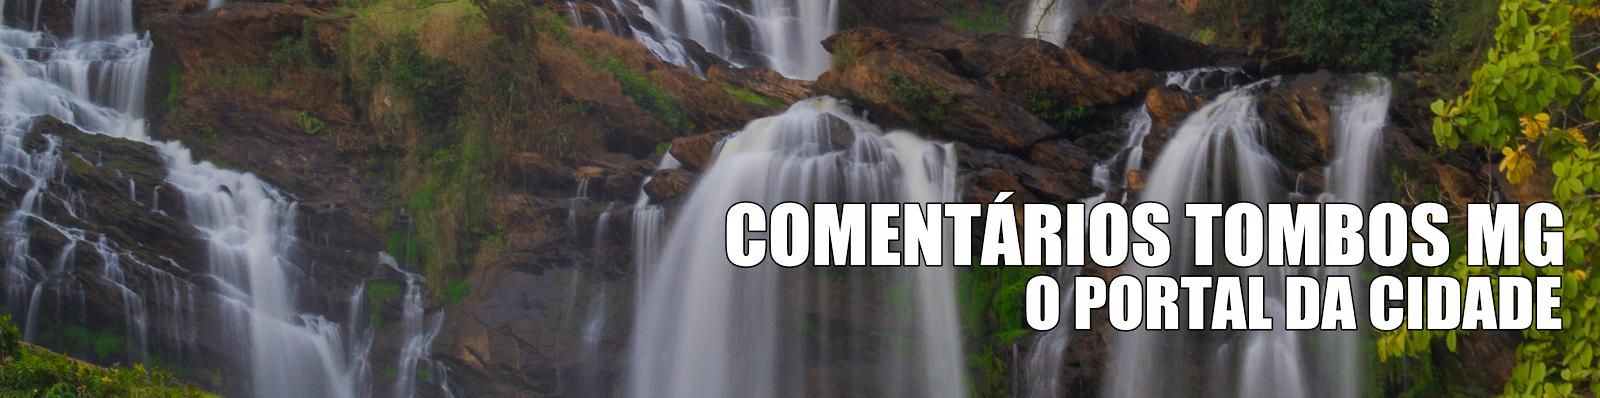 Comentários - Tombos MG